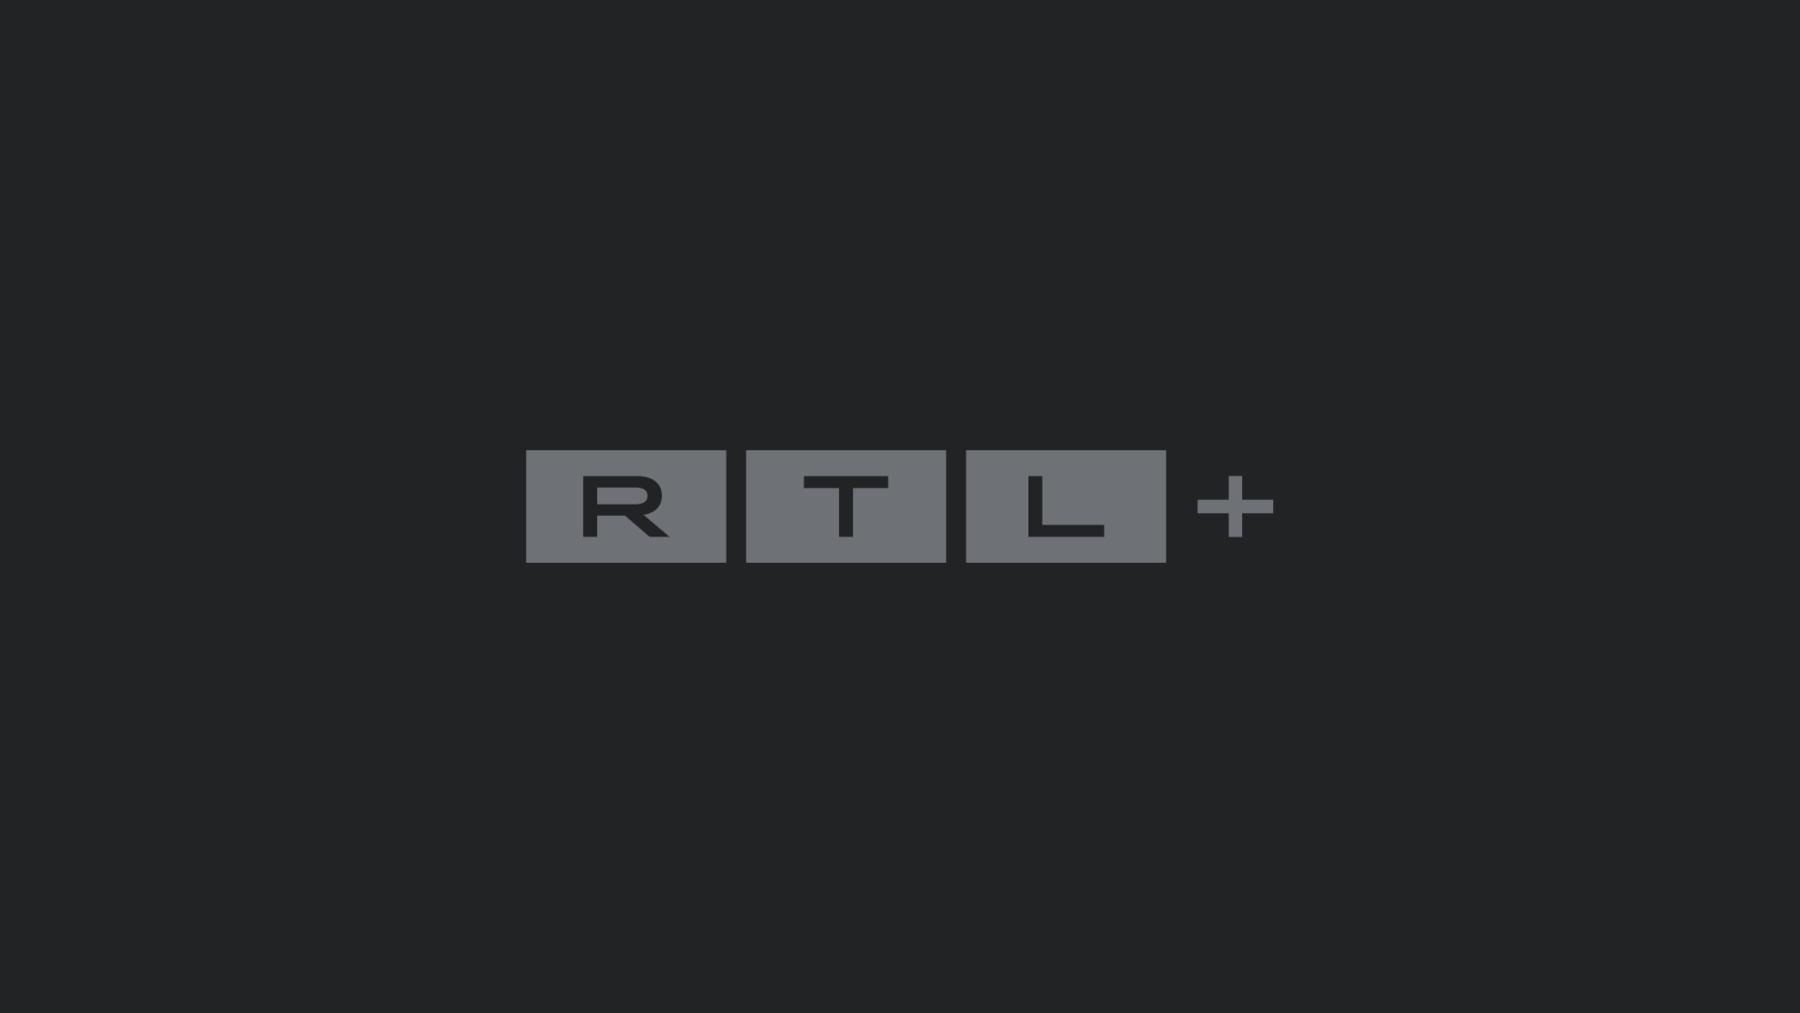 5 Jahre Daniela Katzenberger - Das blonde Jubiläum